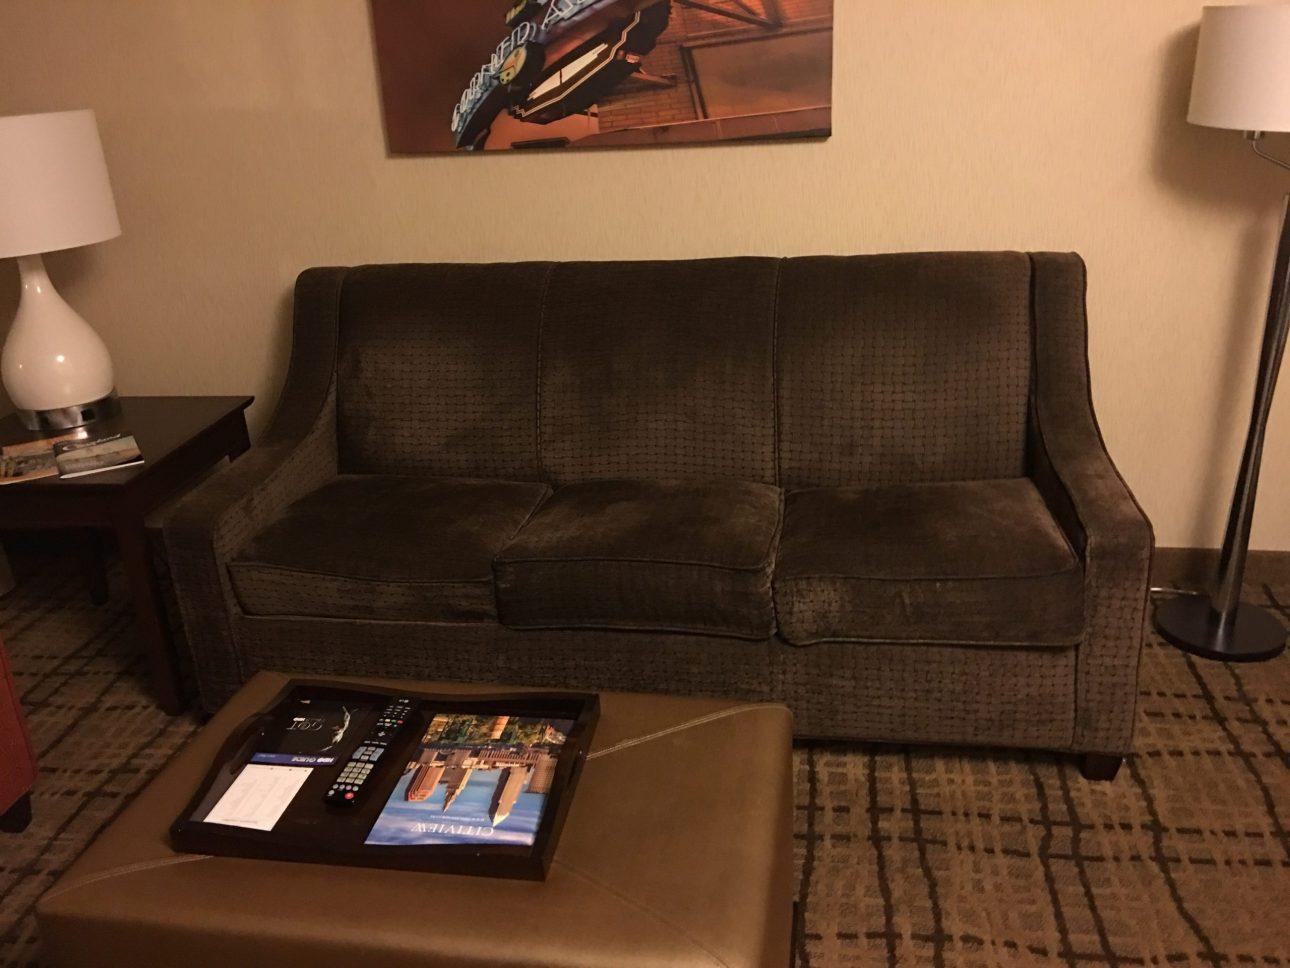 Embassy Suites Beachwood Ohio sofa fold-out